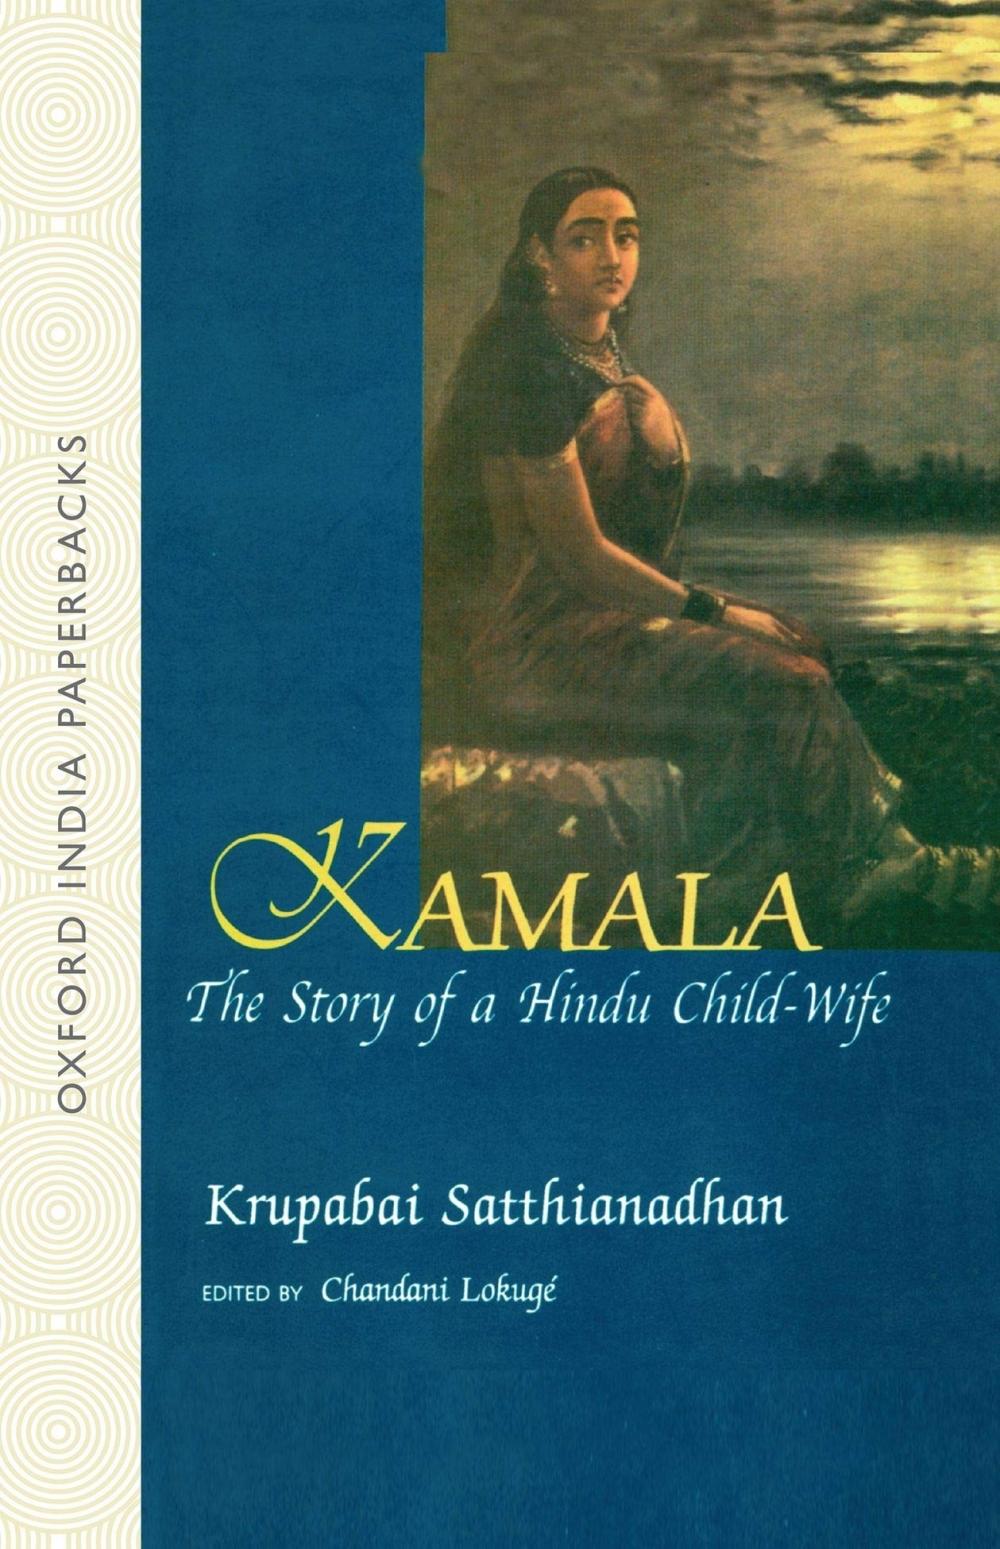 Krupabai Satthianadhan, first female indian author in english, Kamala, Photo: Amazon